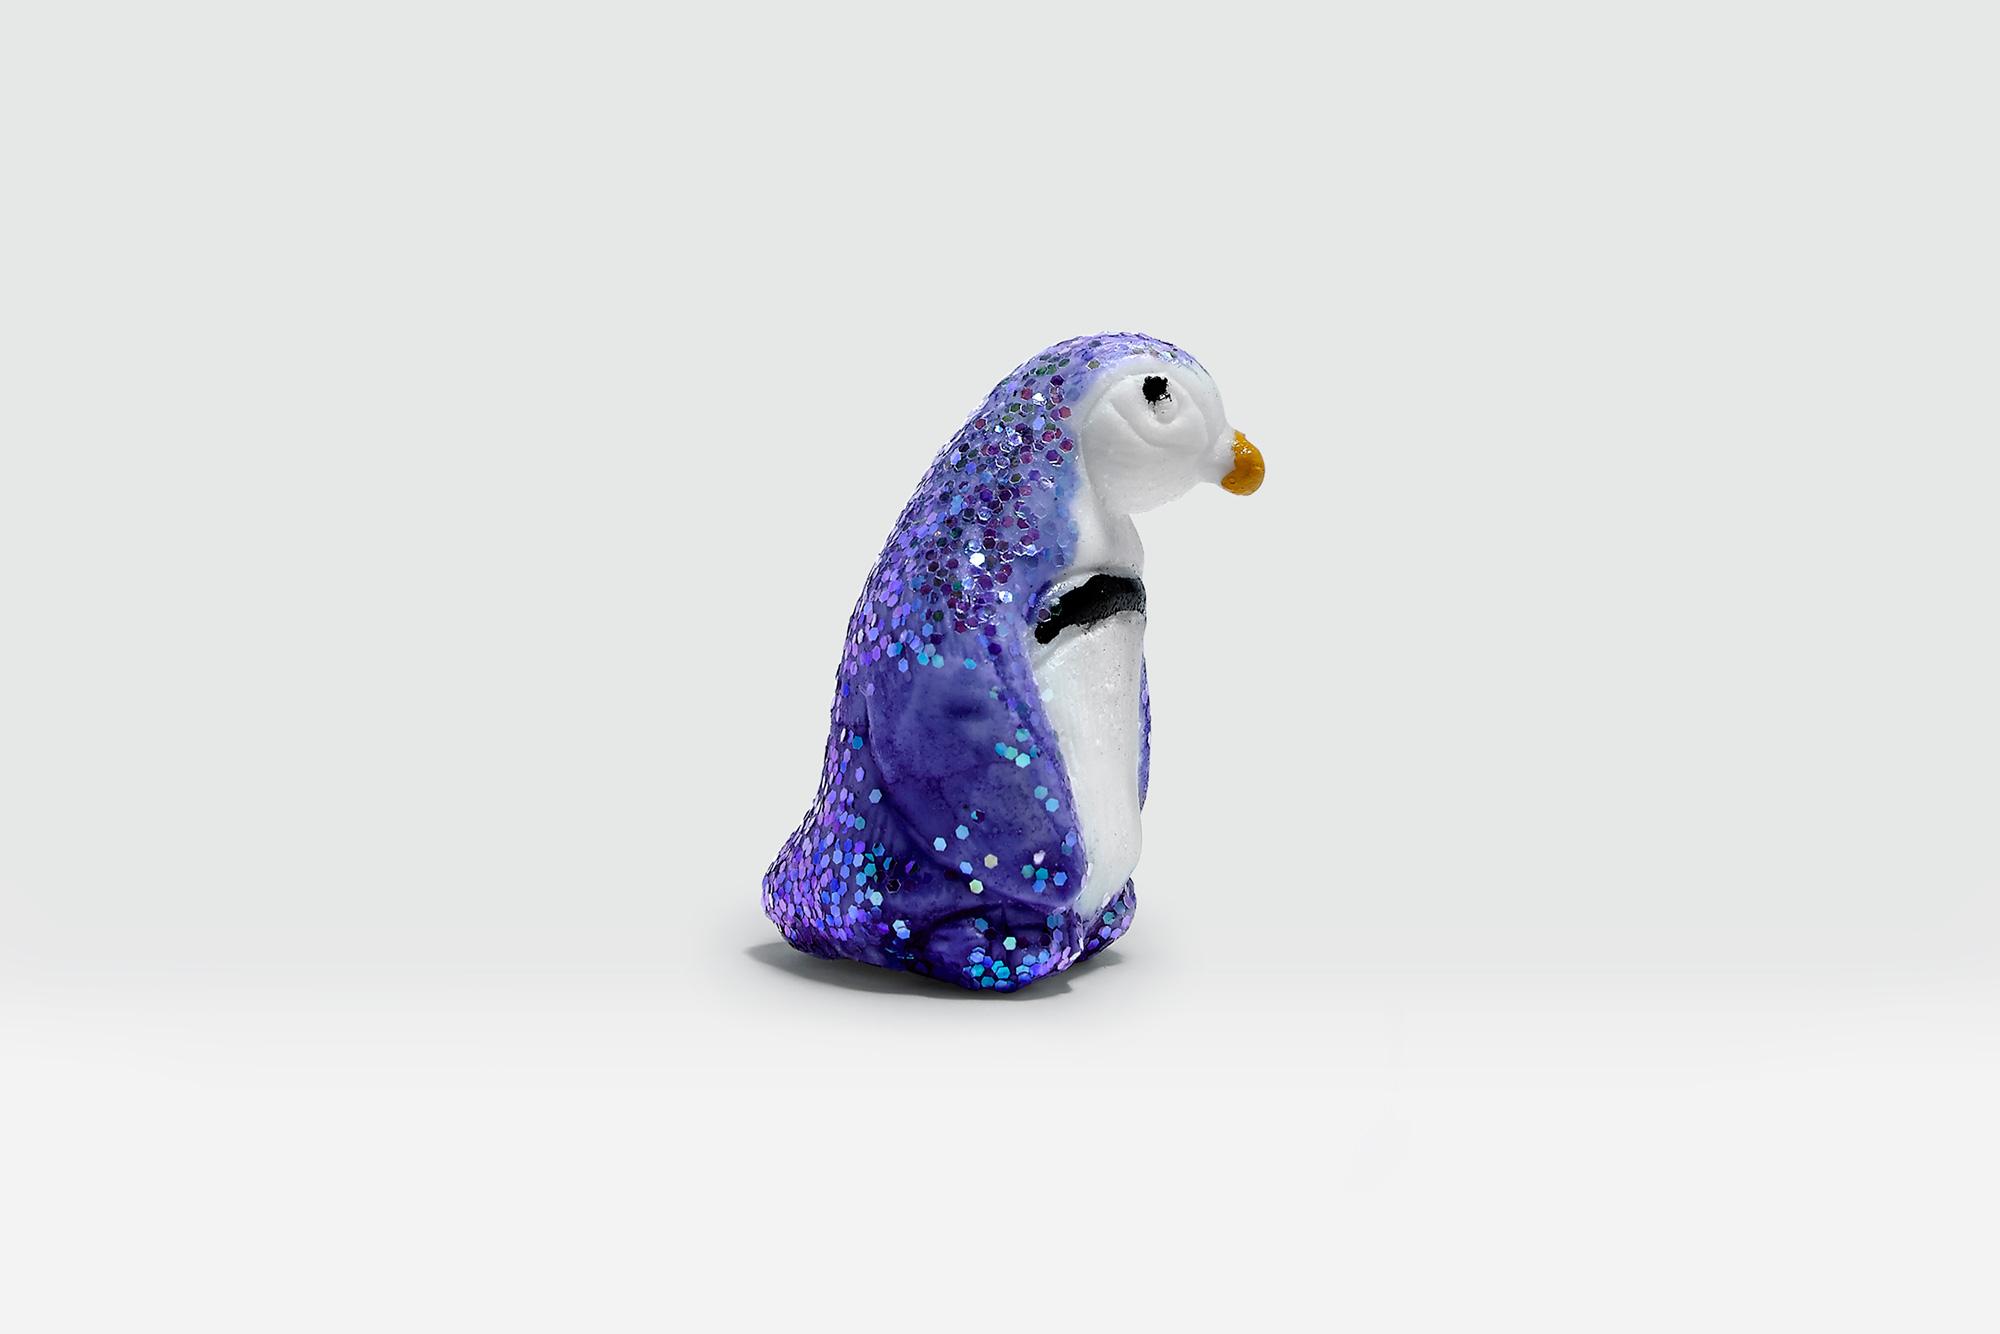 PinguinodiMagellano0048